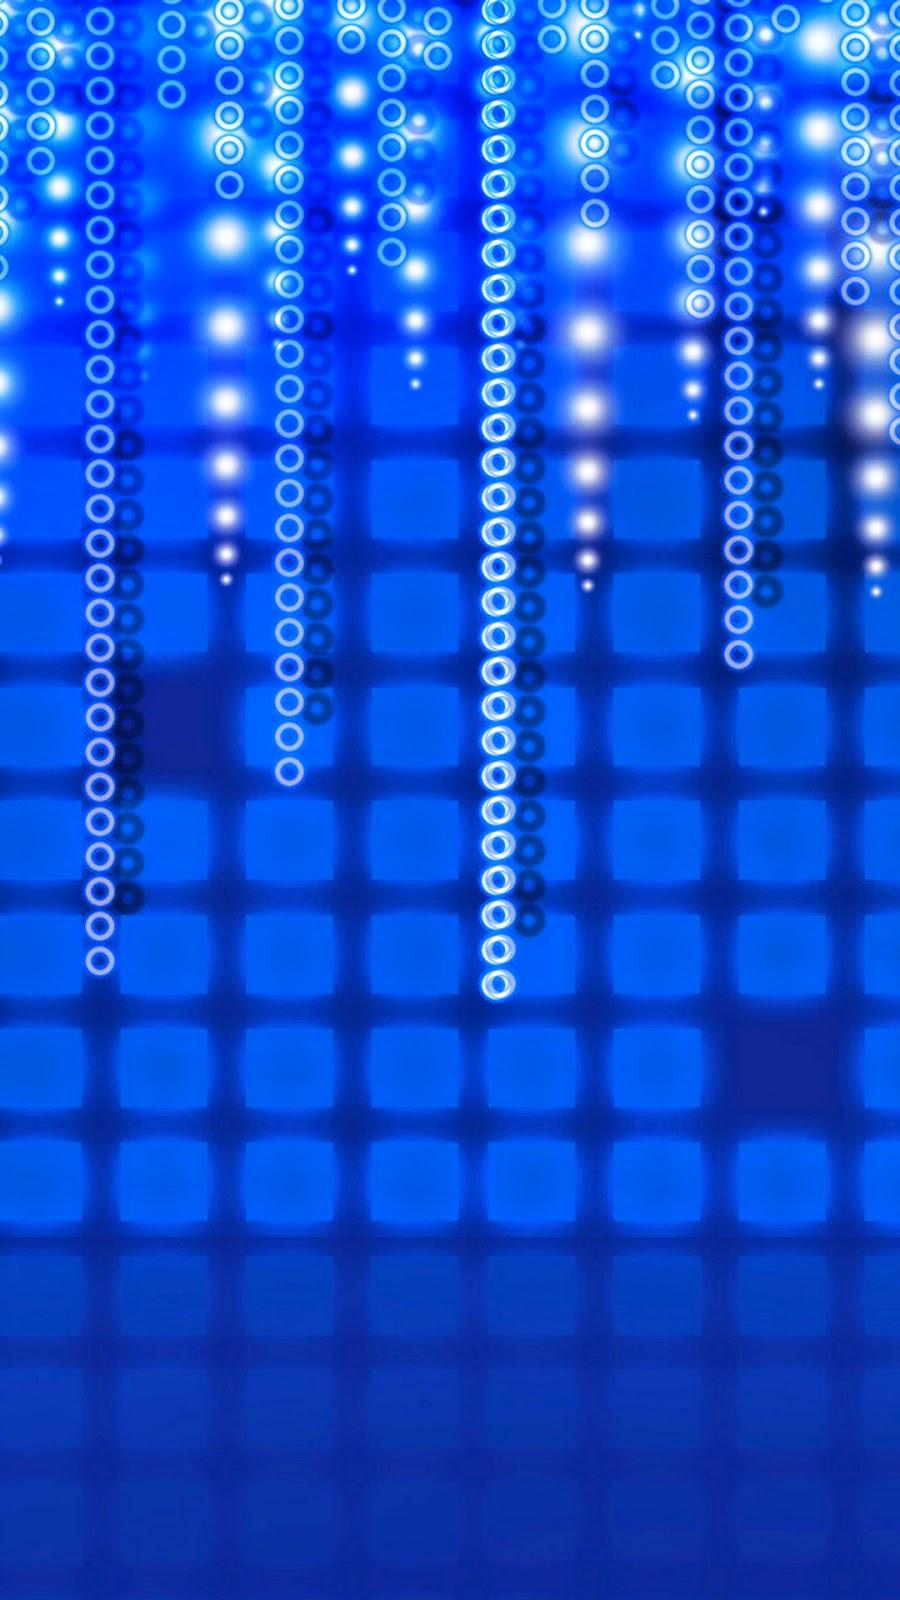 Wallpaper iphone password - Digital Password Wallpaper On Iphone 6 Plus